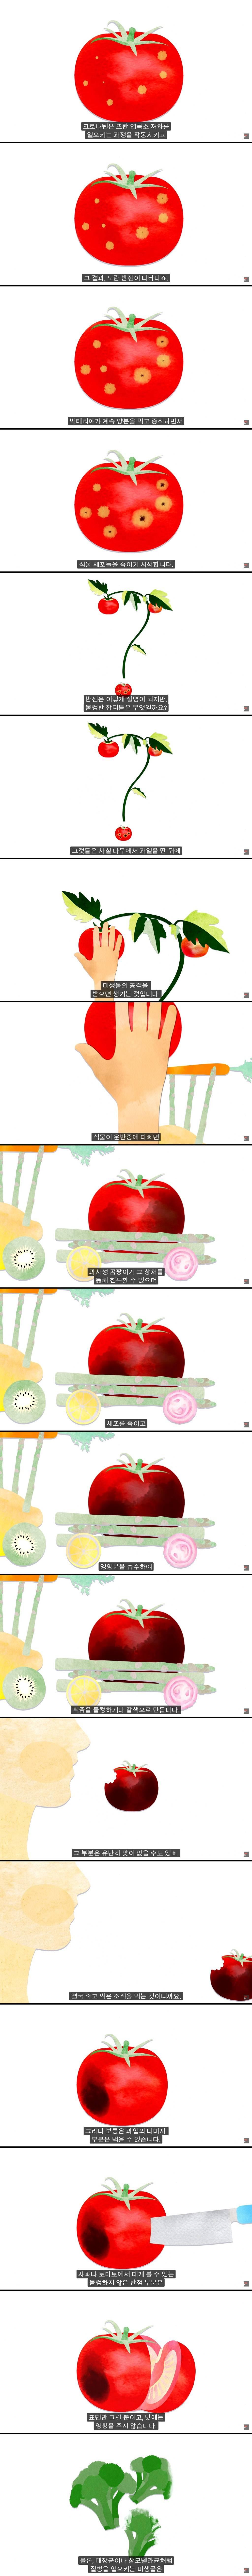 반점이 있는 과일과 야채를 먹어도 안전할까.jpg | 인스티즈